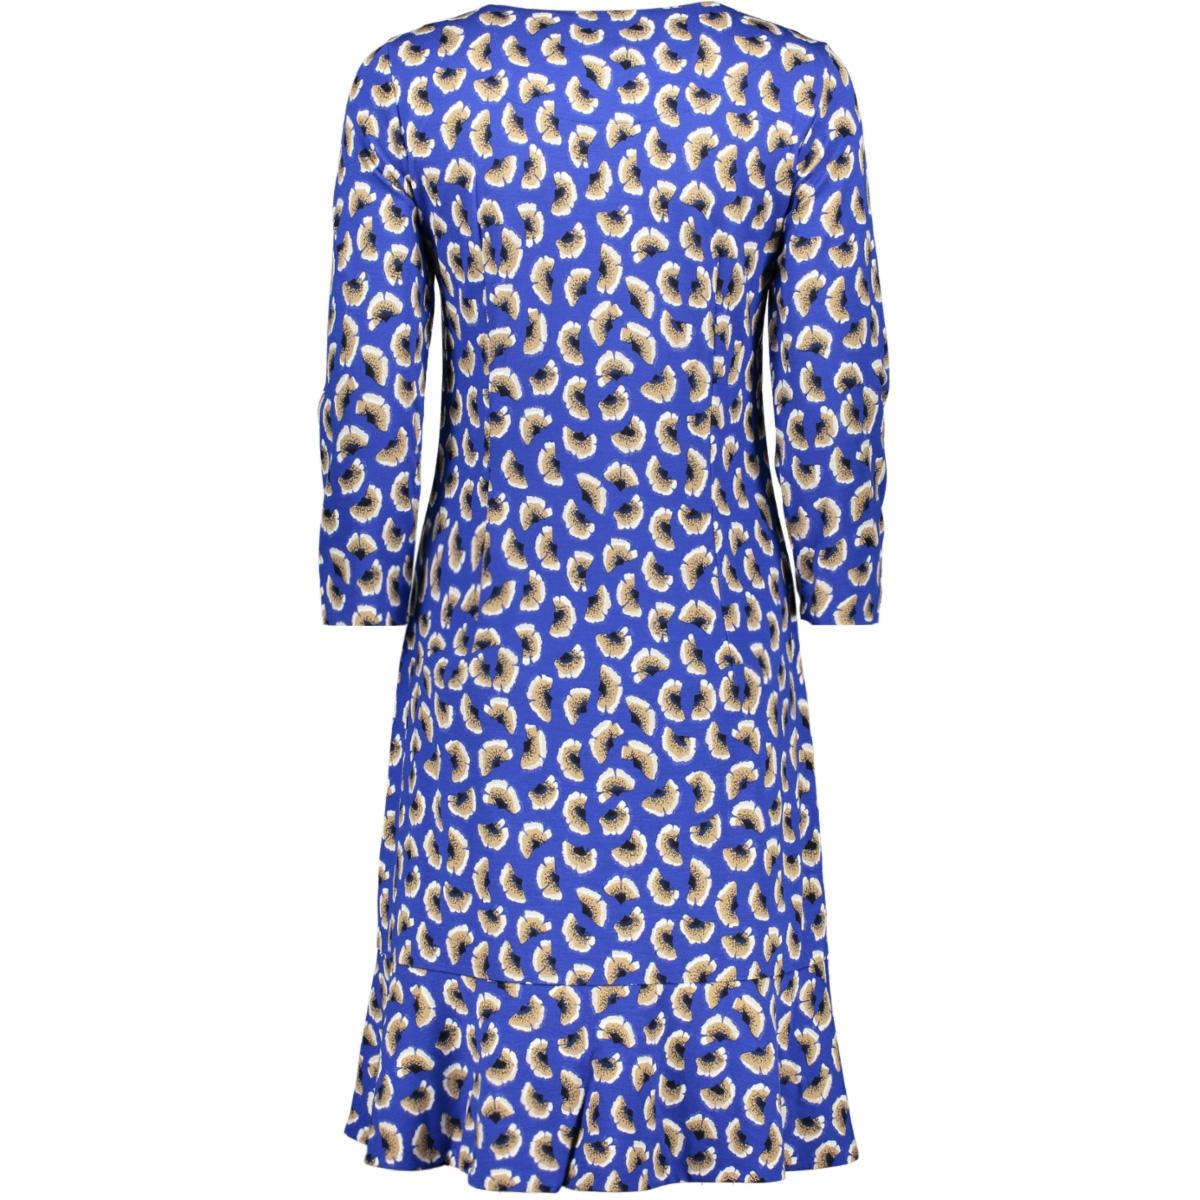 jersey jurk met bloemen 23001683 sandwich jurk 40031 signal blue